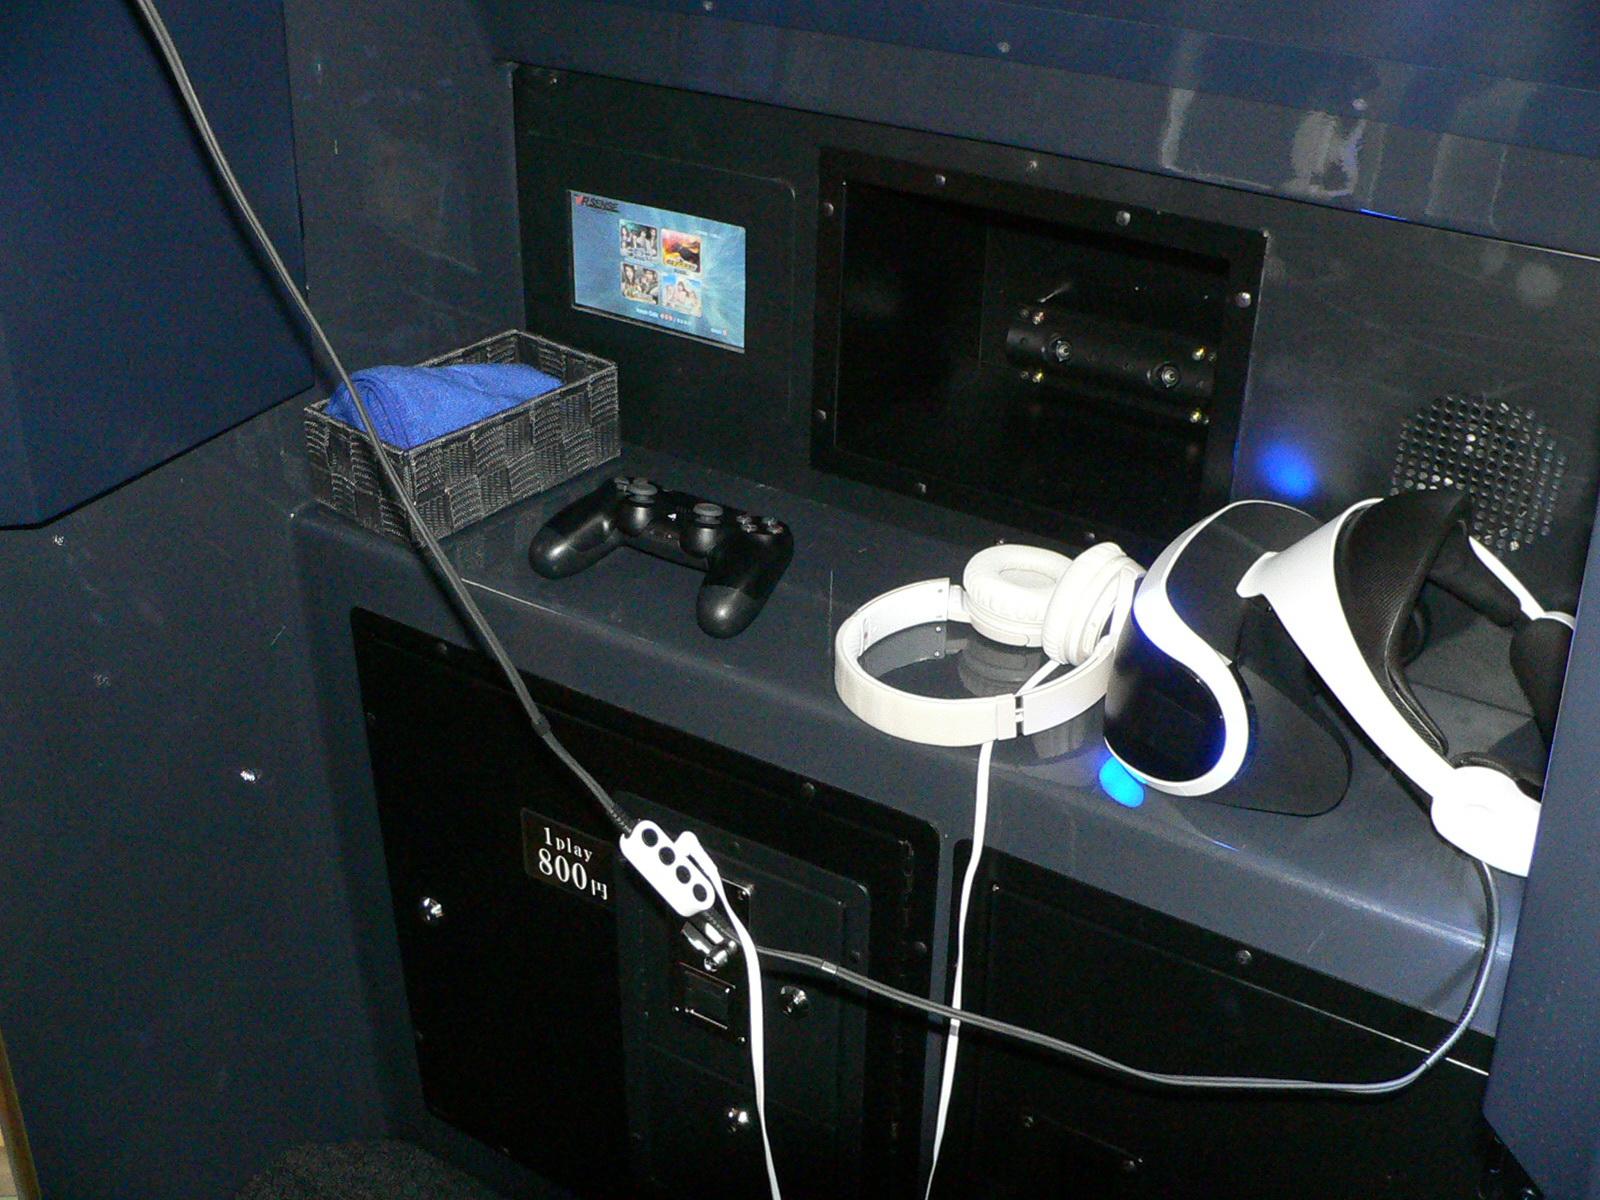 HMD(ヘッドマウントディスプレイ)とヘッドフォンを装着し、DUALSHOCK 4を使用してプレイする。操作ガイドは、筐体内にあるモニターに音声付きで表示される(※HMDのディスプレイ内にも表示される)。プレイ中はシートが上下左右に動くため、シートベルトの装着も必須だ